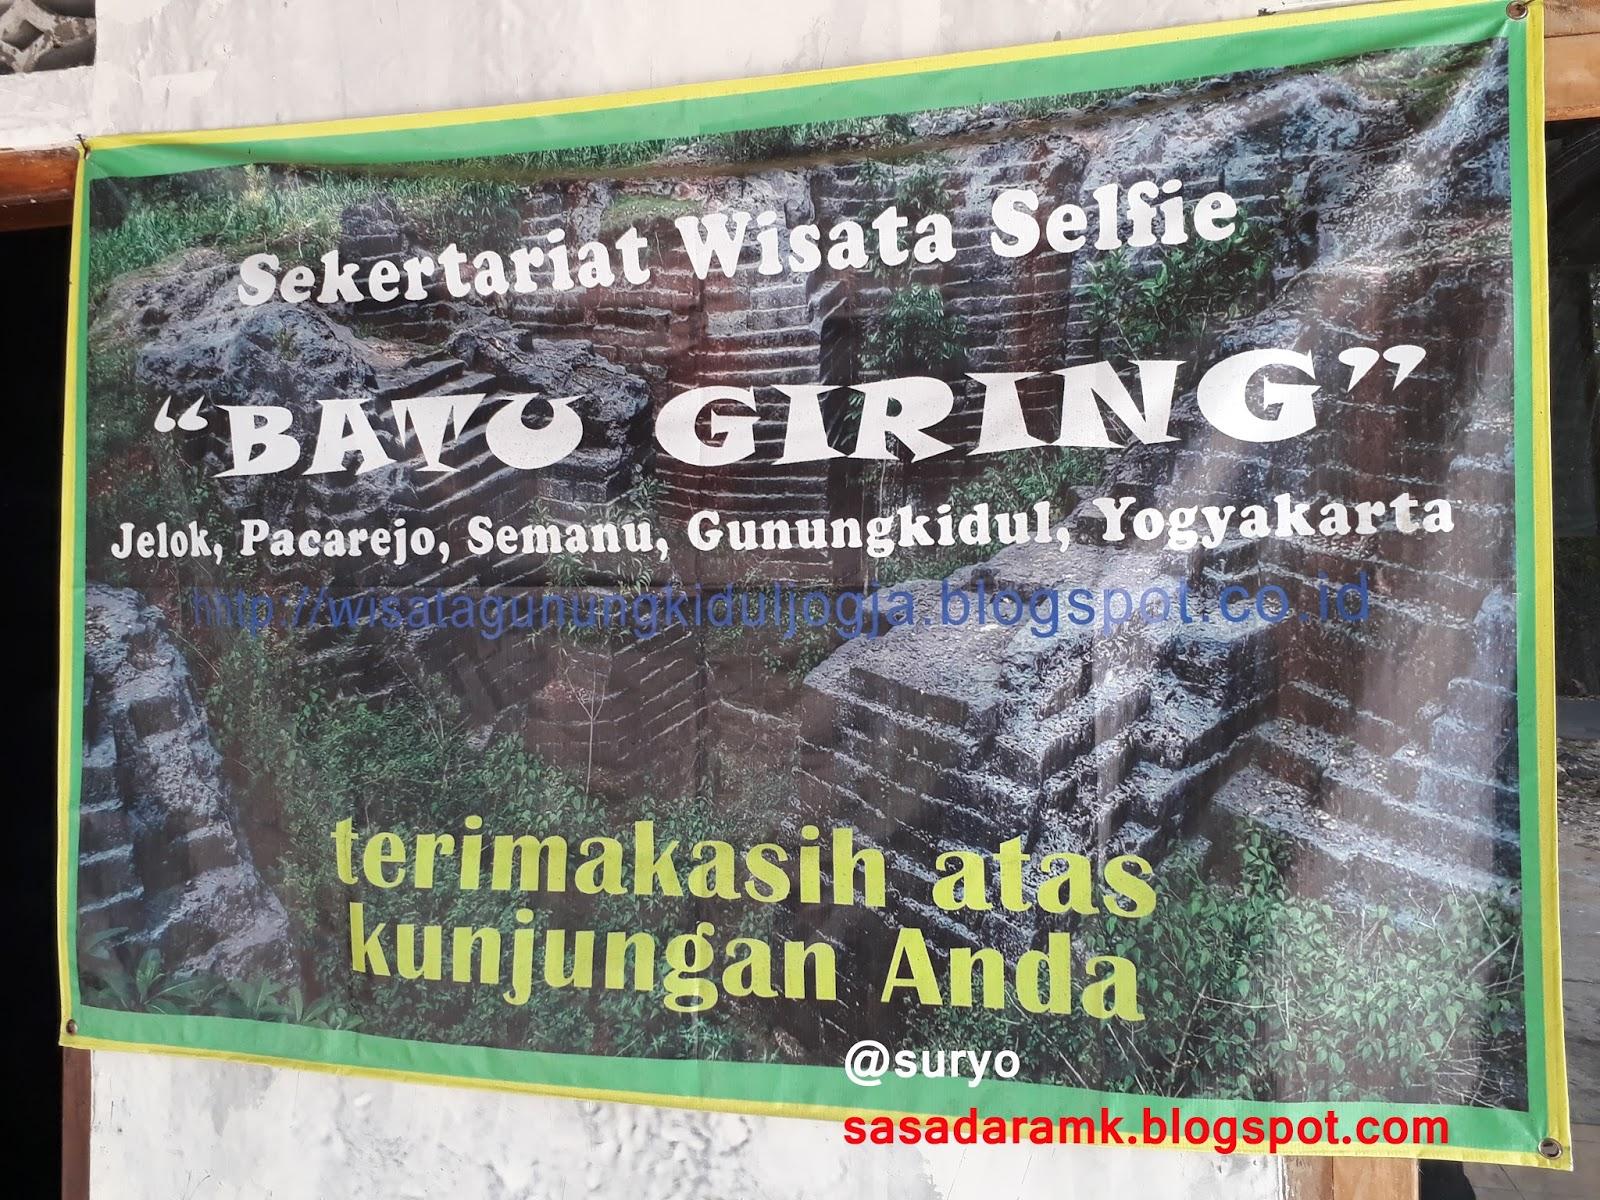 Sasadara Manjer Kawuryan Situs Dengok Semanu Gunungkidul Yogyakarta Batu Giring